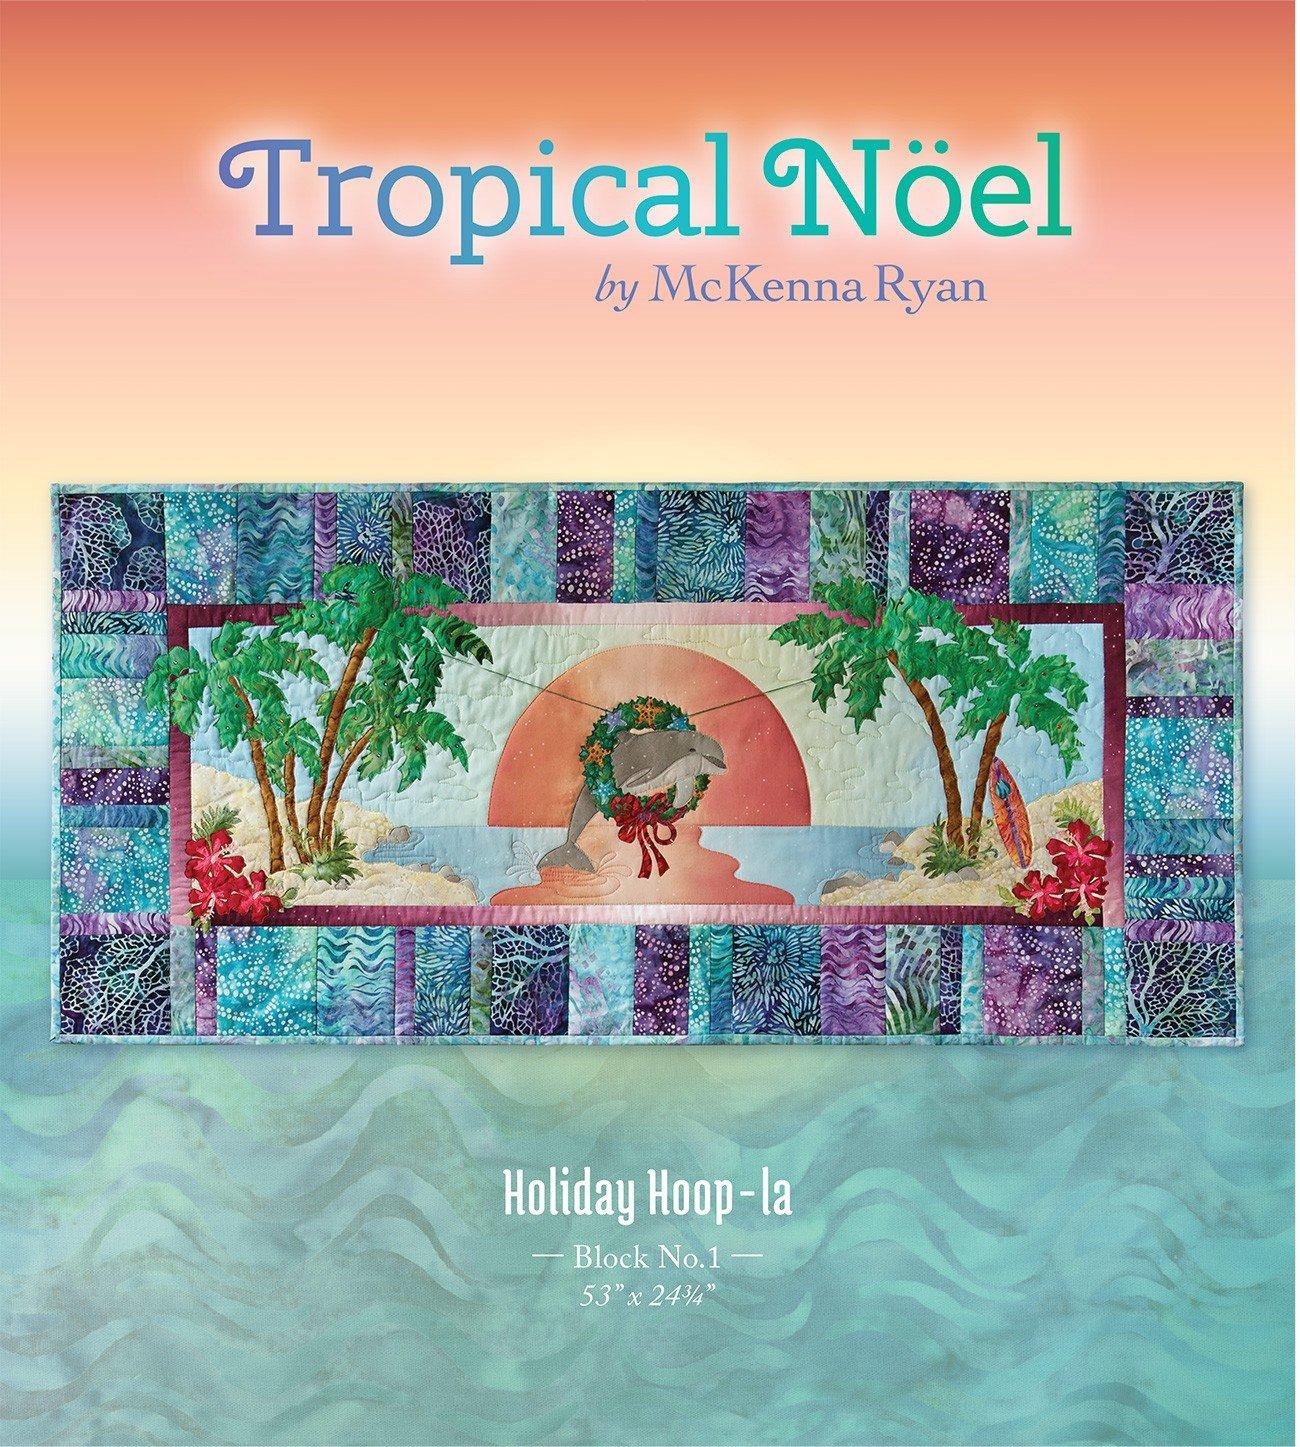 Tropical Noel Holiday Hoop-la